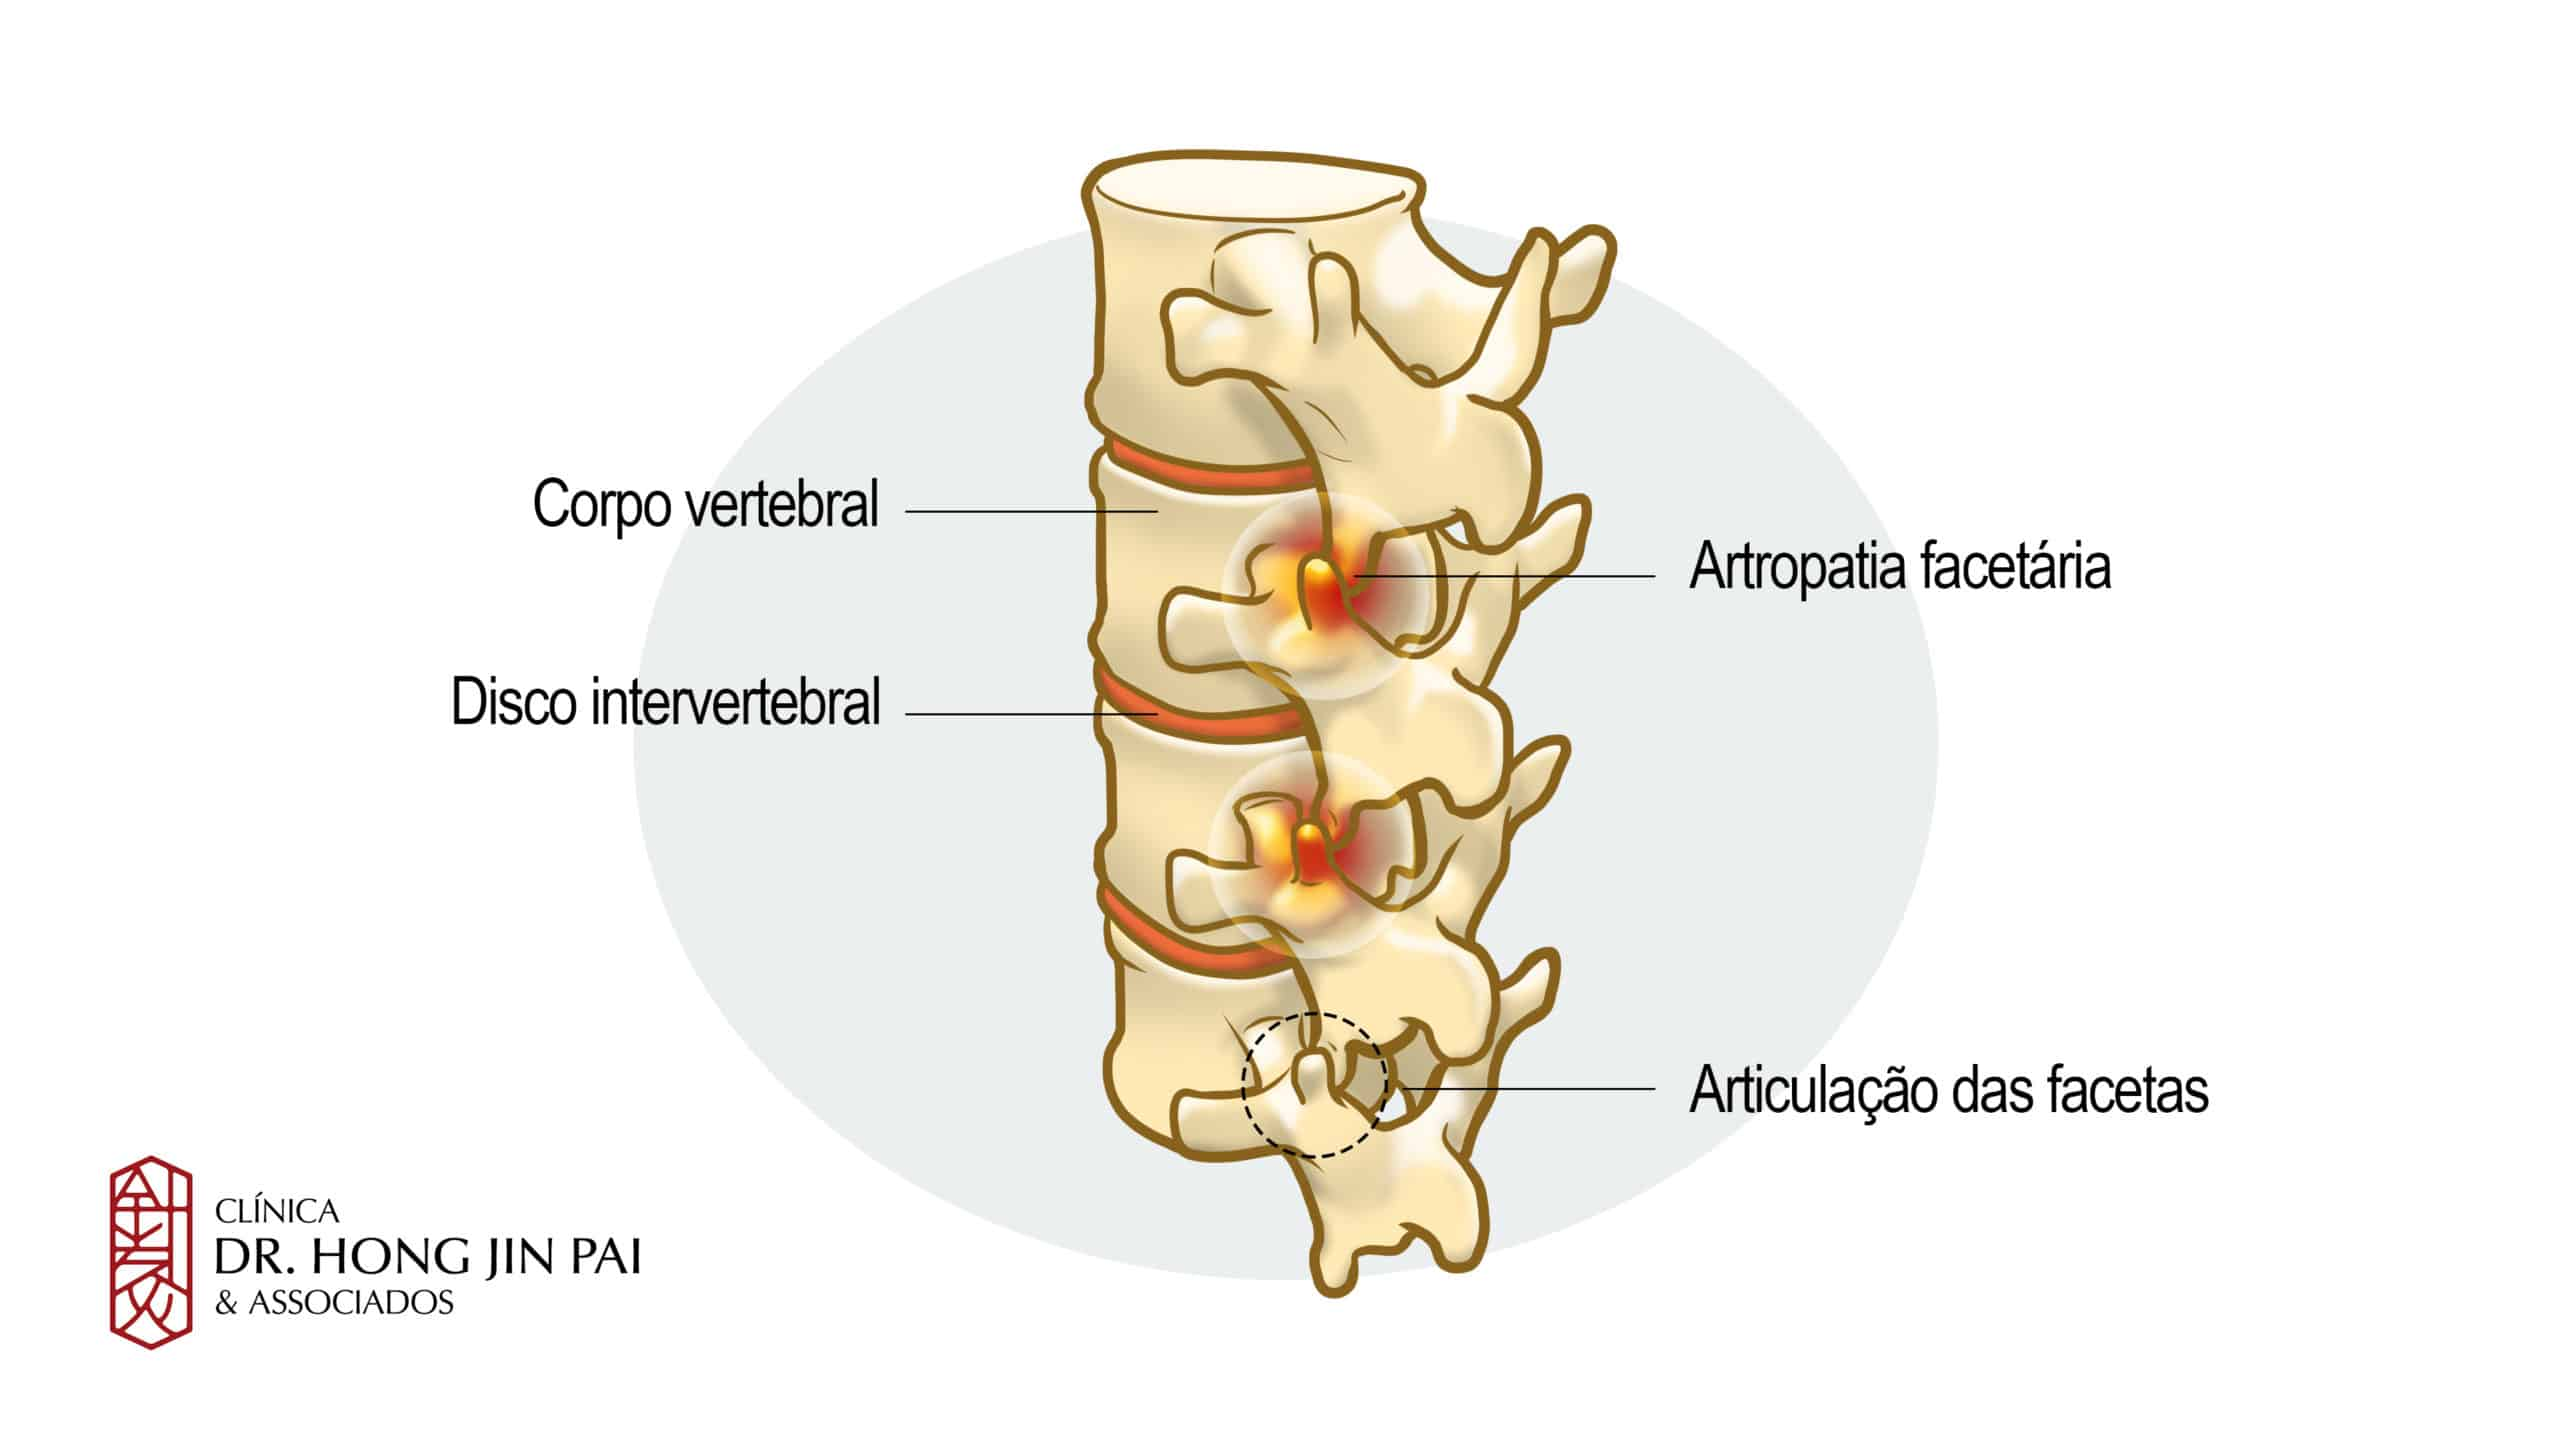 Dor Facetária. É uma condição muito comum na coluna vertebral e uma das principais causas de dor crônica